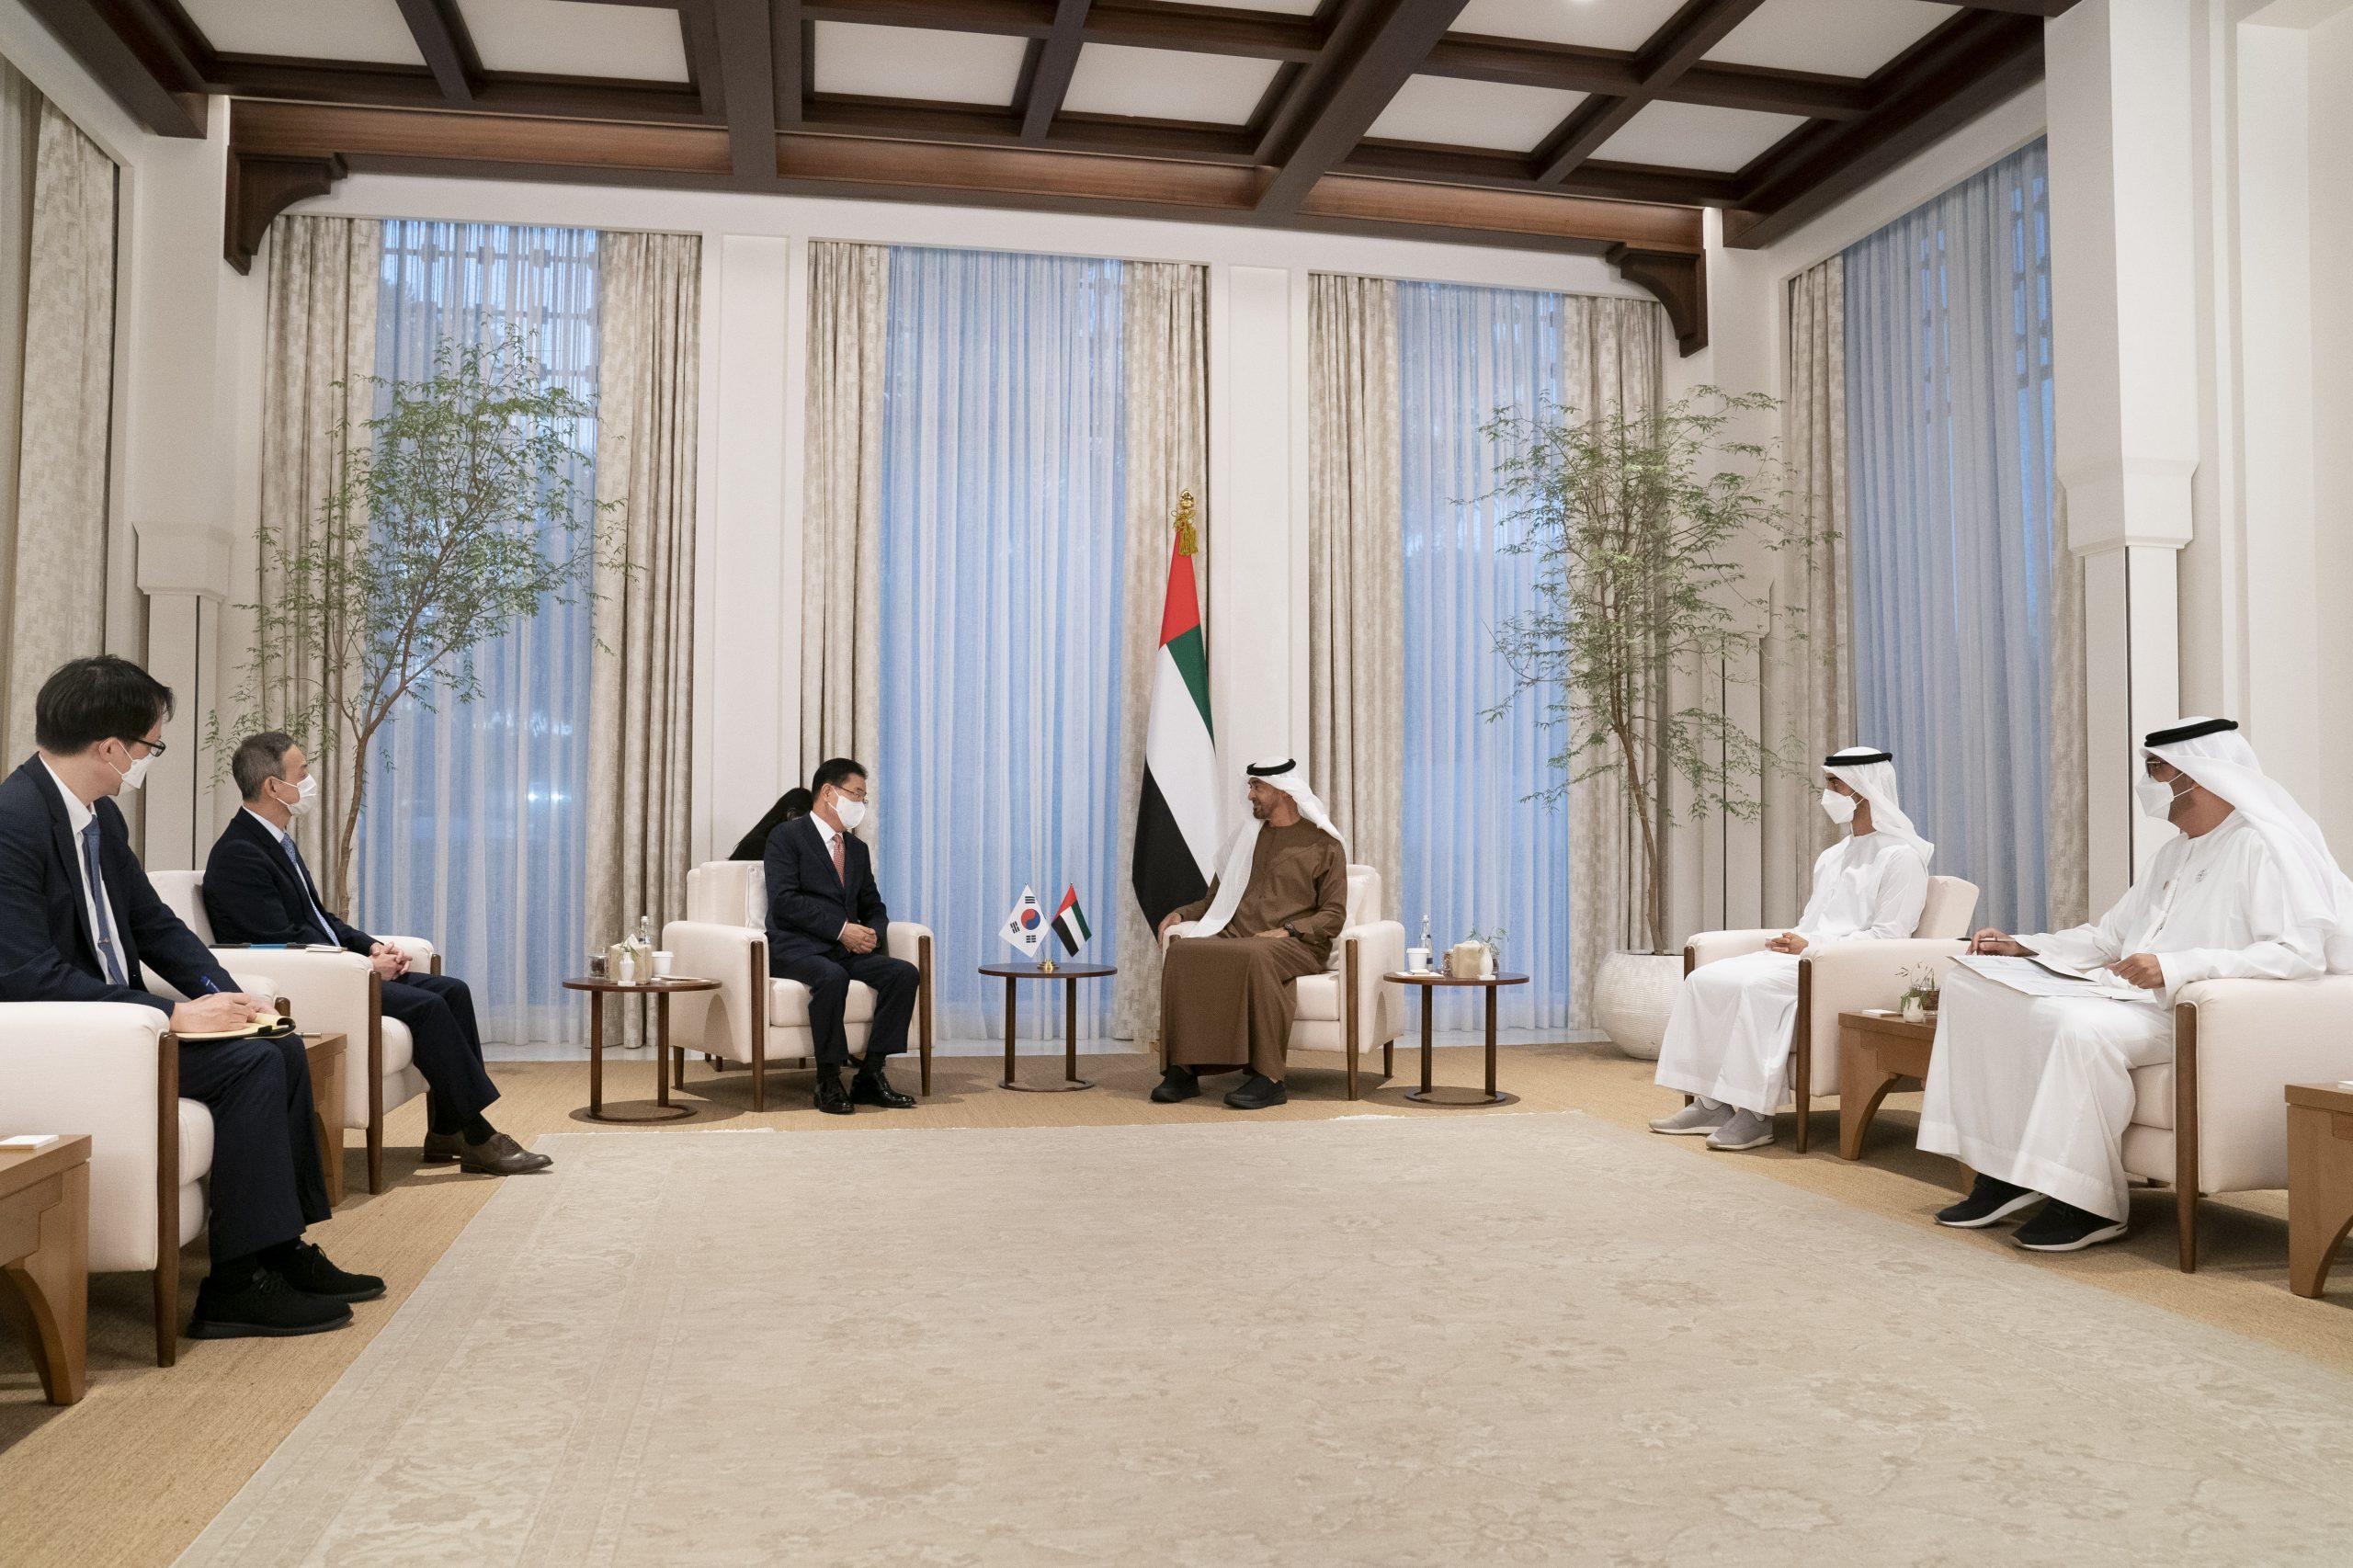 التقى الشيخ محمد بن زايد آل نهيان، ولي عهد أبوظبي نائب القائد الأعلى للقوات المسلحة وزير خارجية كوريا الجنوبية جيونغ وي يونغ.